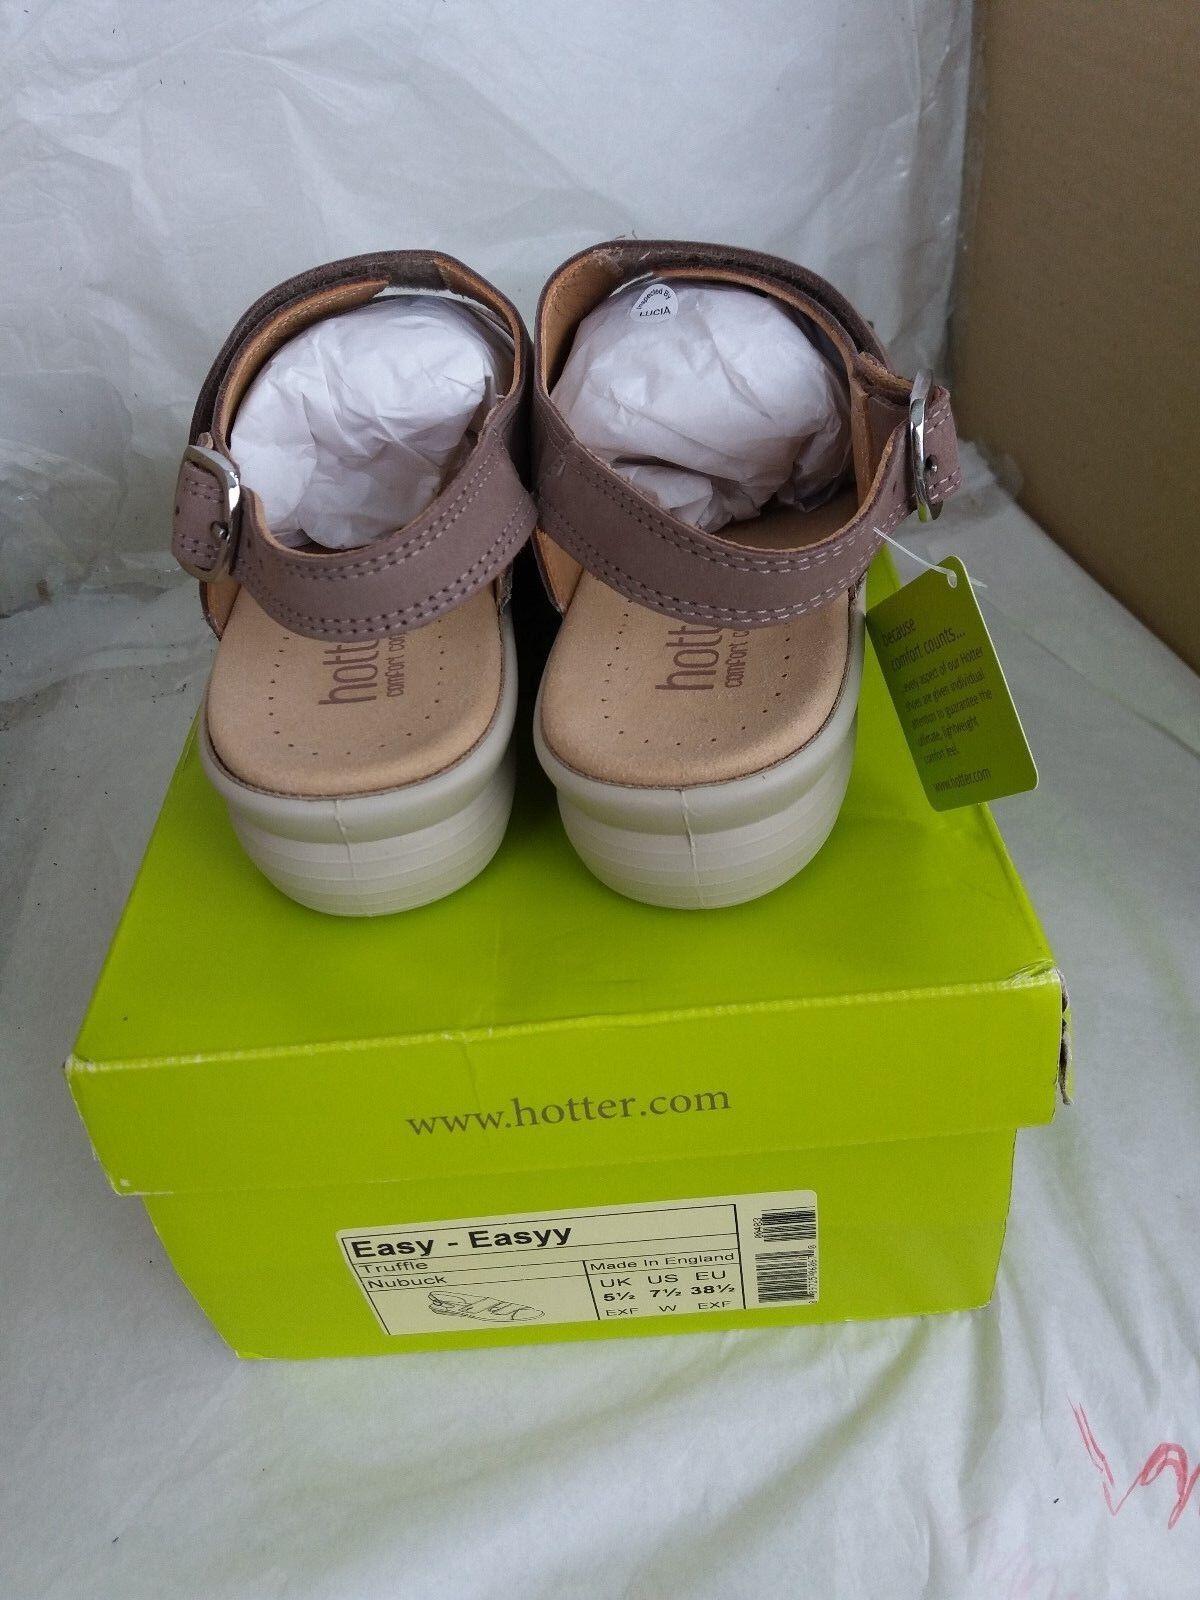 Hotter Sandales Easy Sandales Hotter - Nubuck Upper- Truffle - Größe UK 5.5/EU 38.5 9847bf